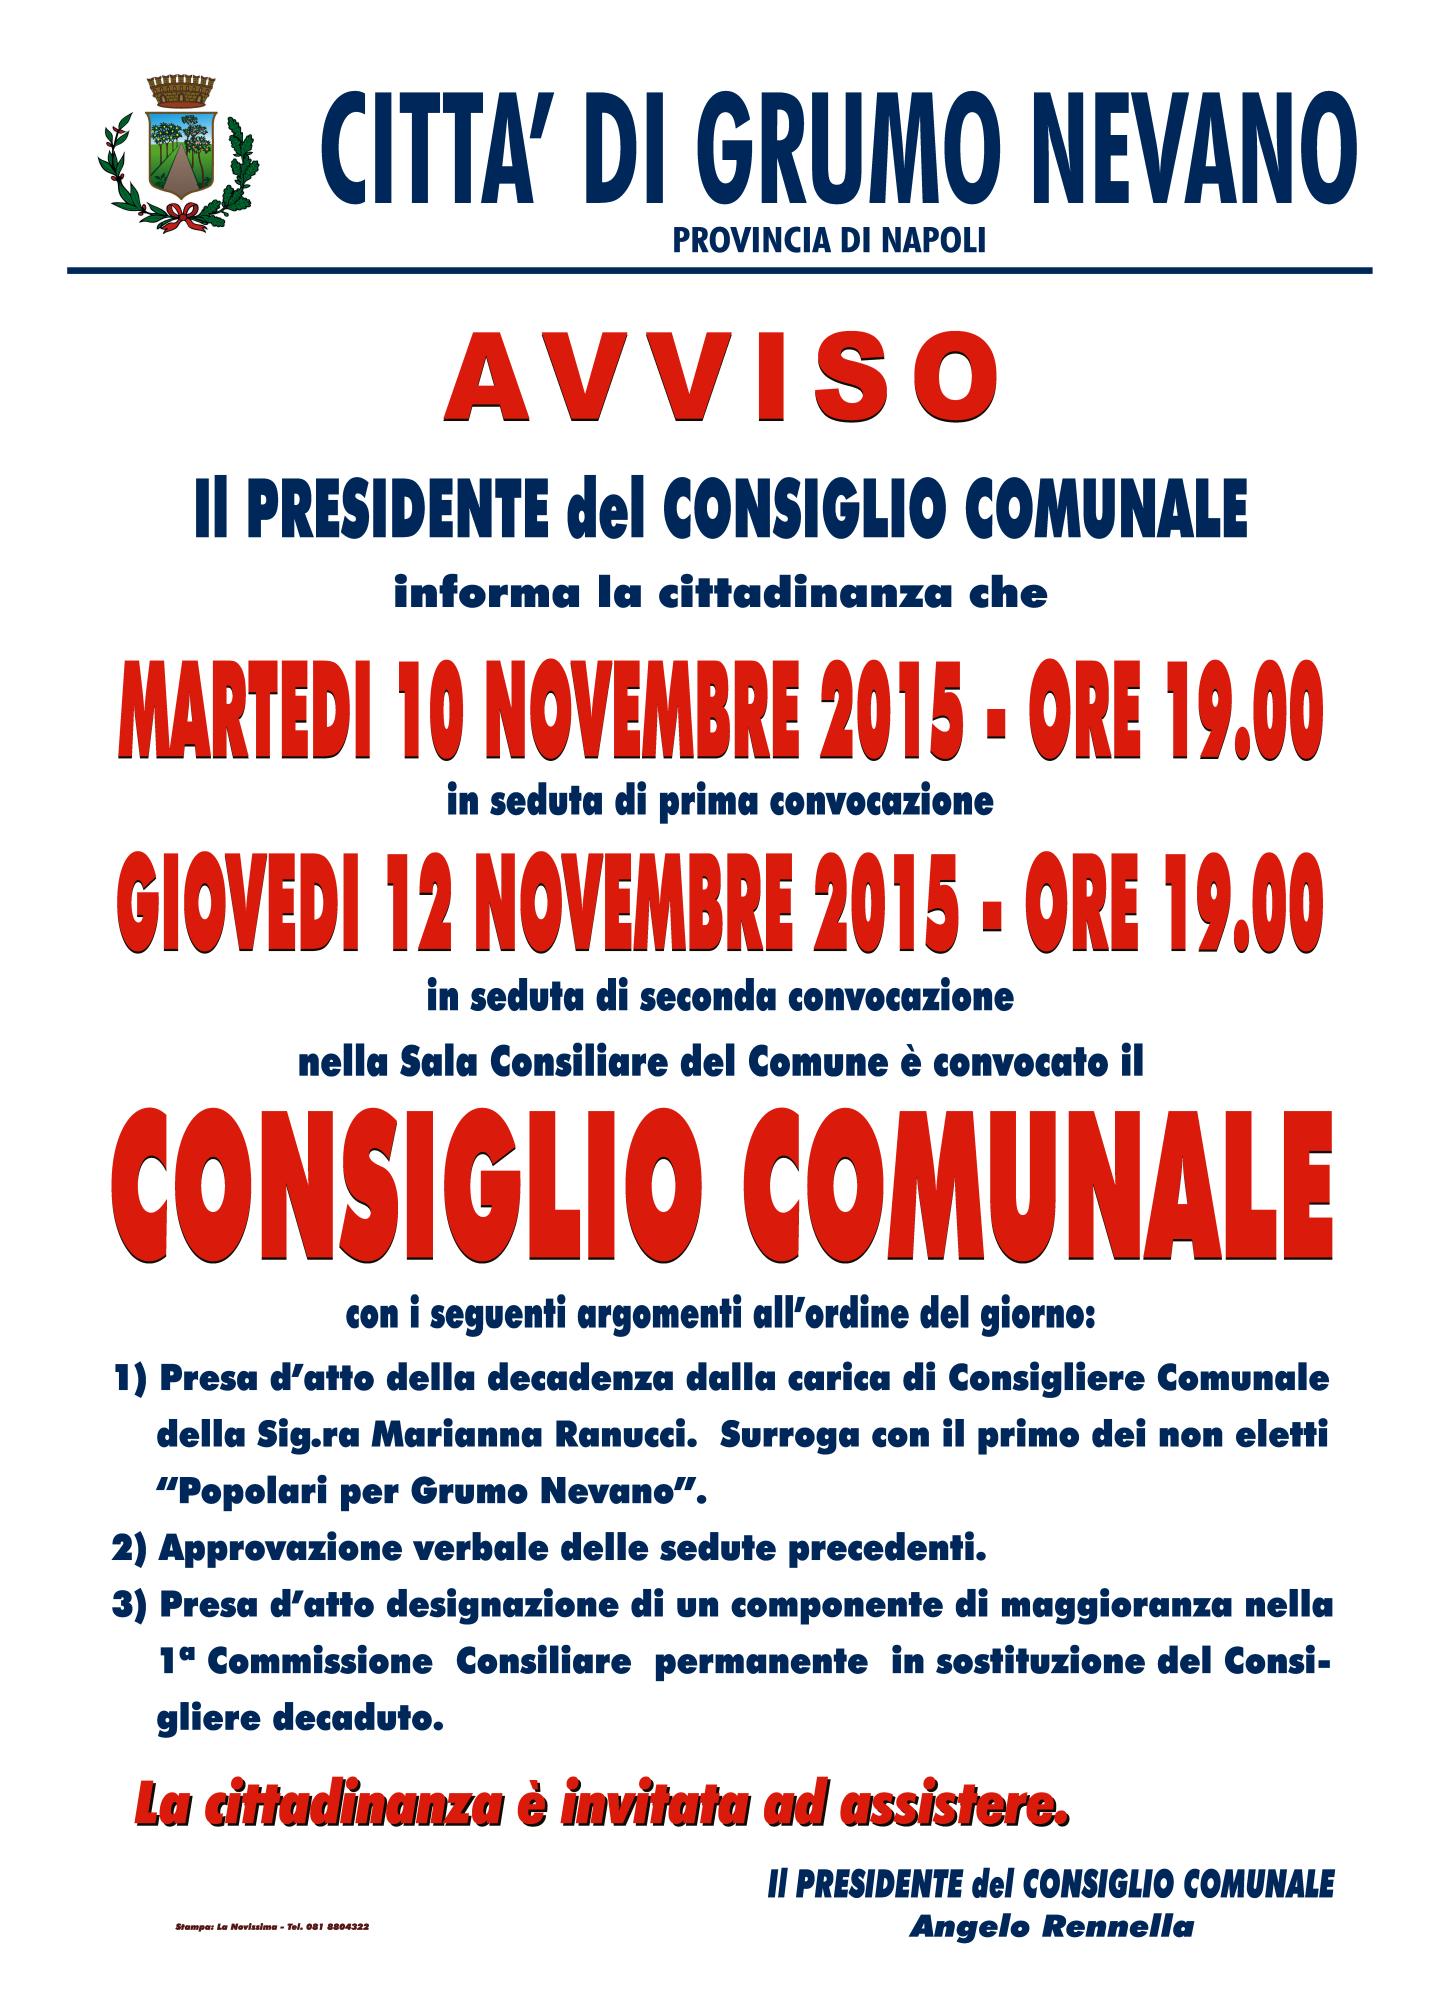 Manifestocomunegrumo6